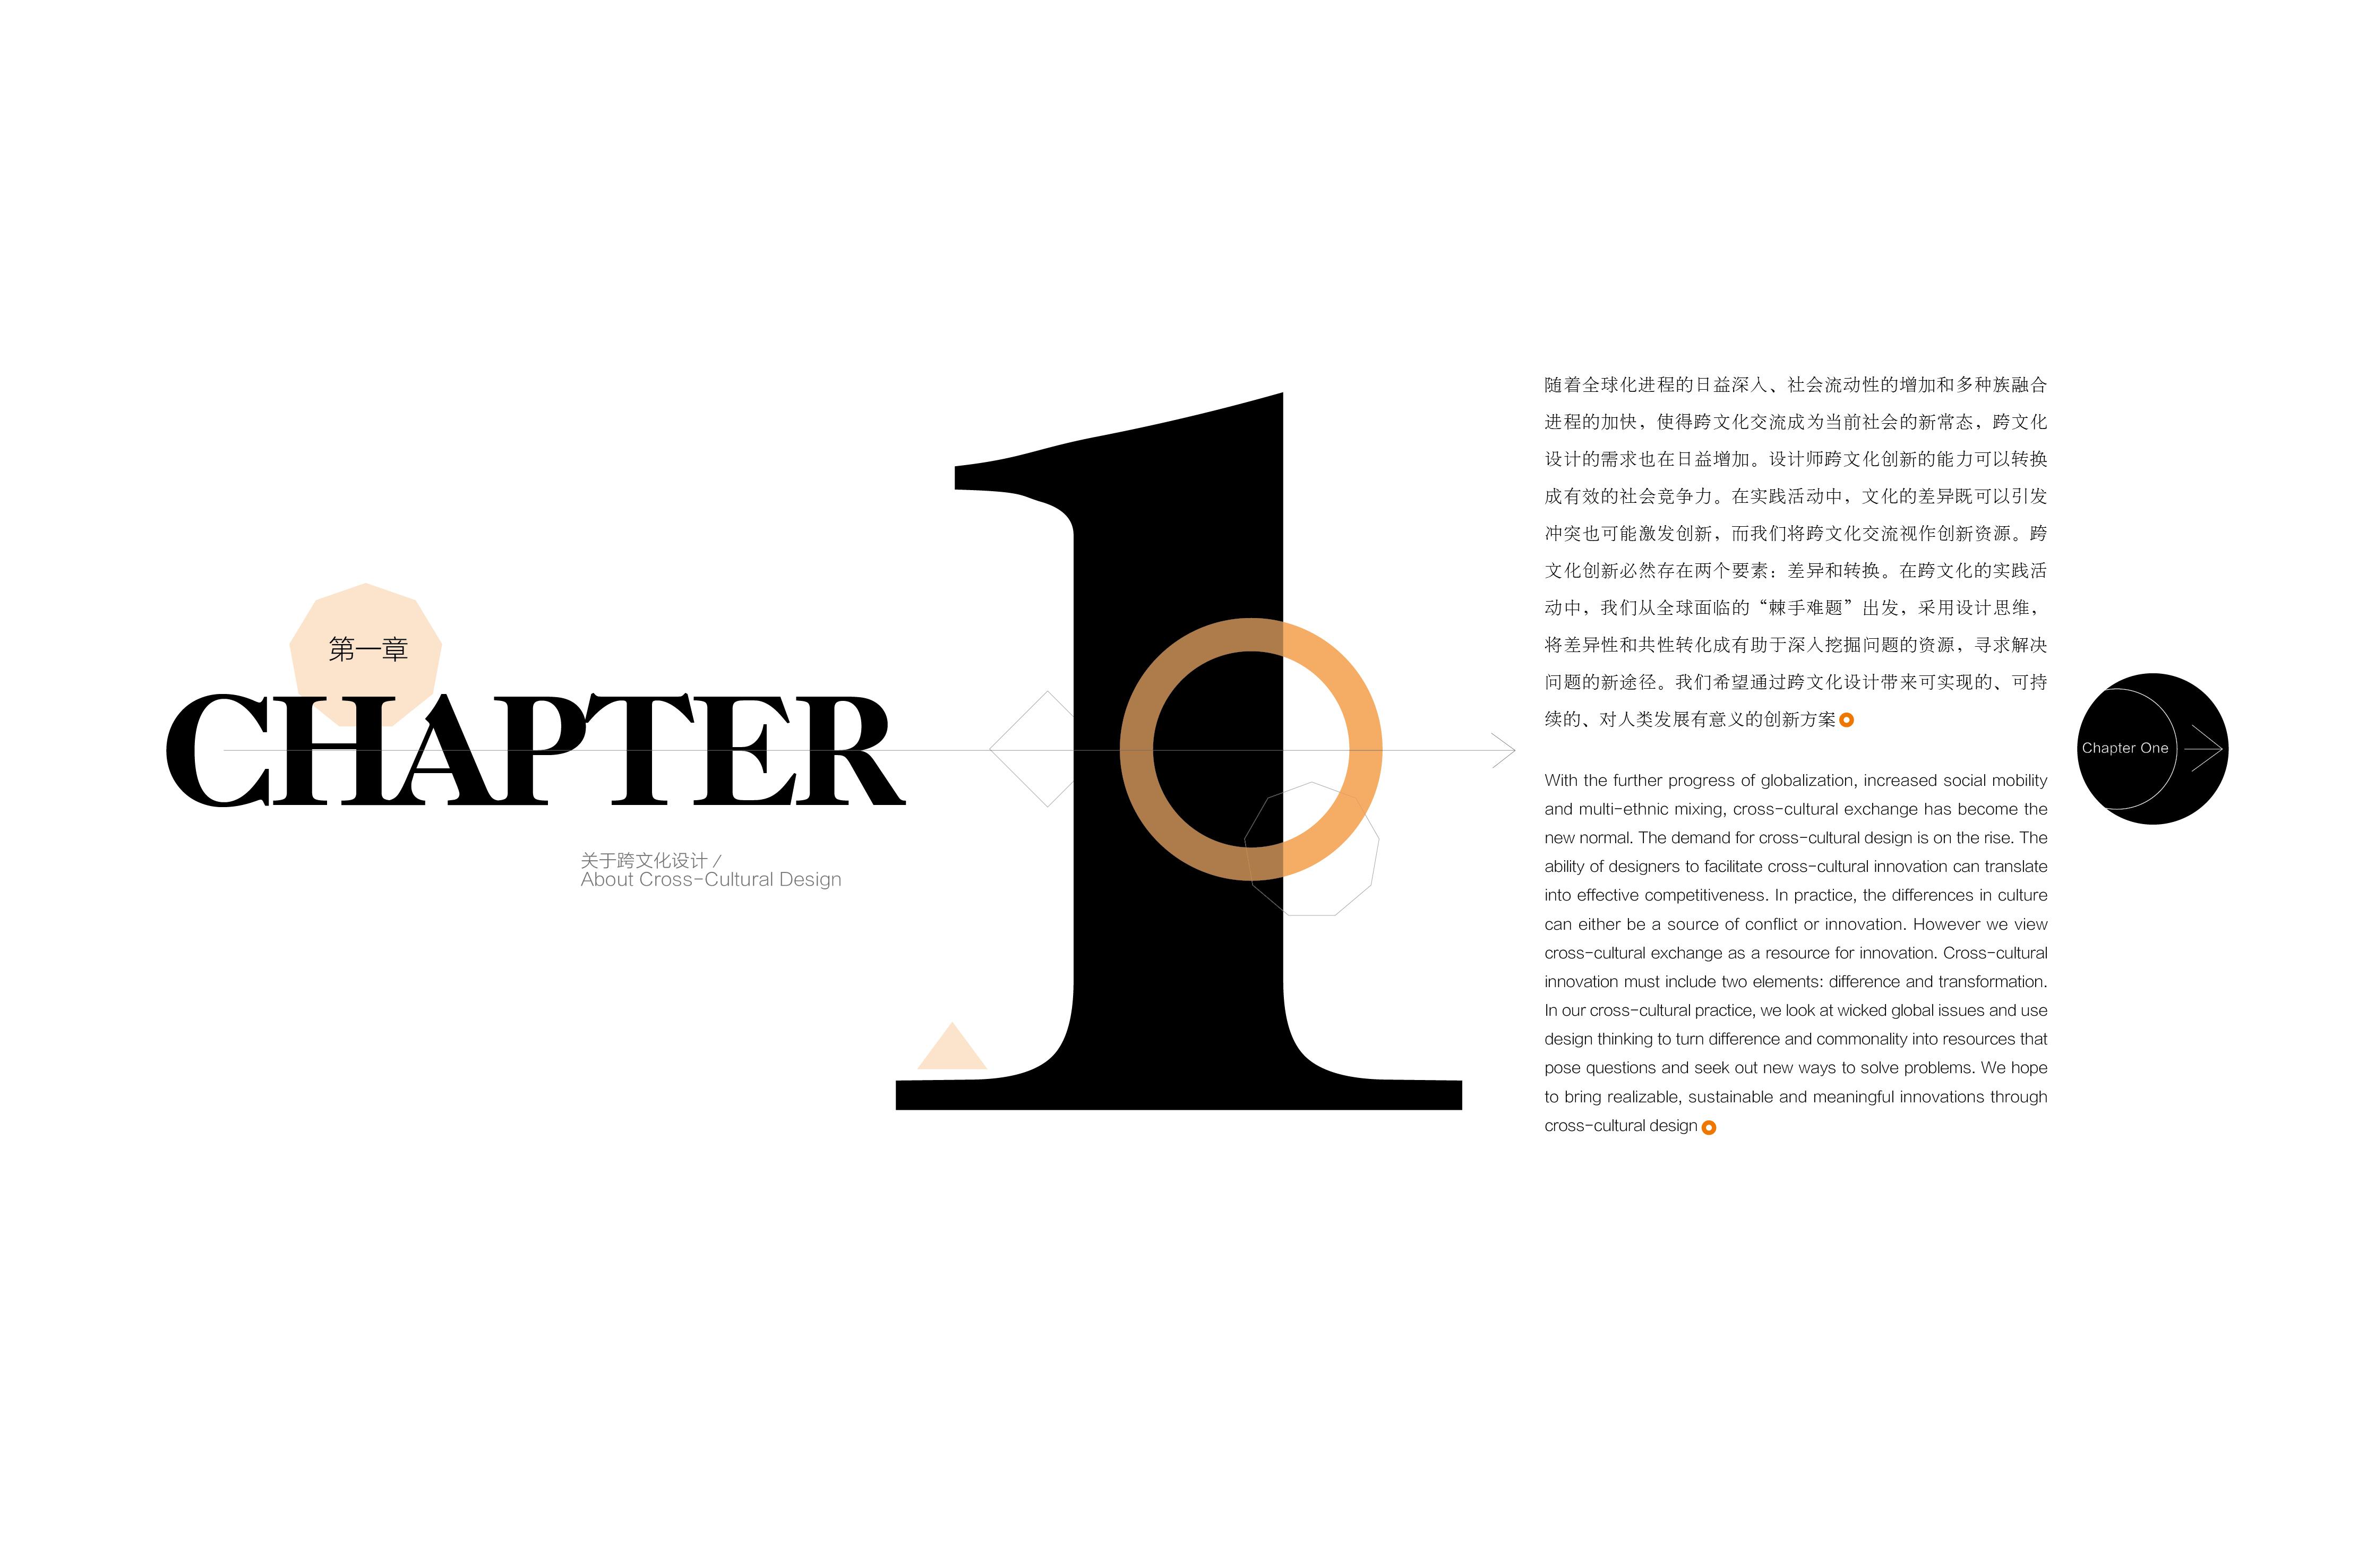 版式设计 跨文化设计 书籍装帧(封面设计/图书设计)子